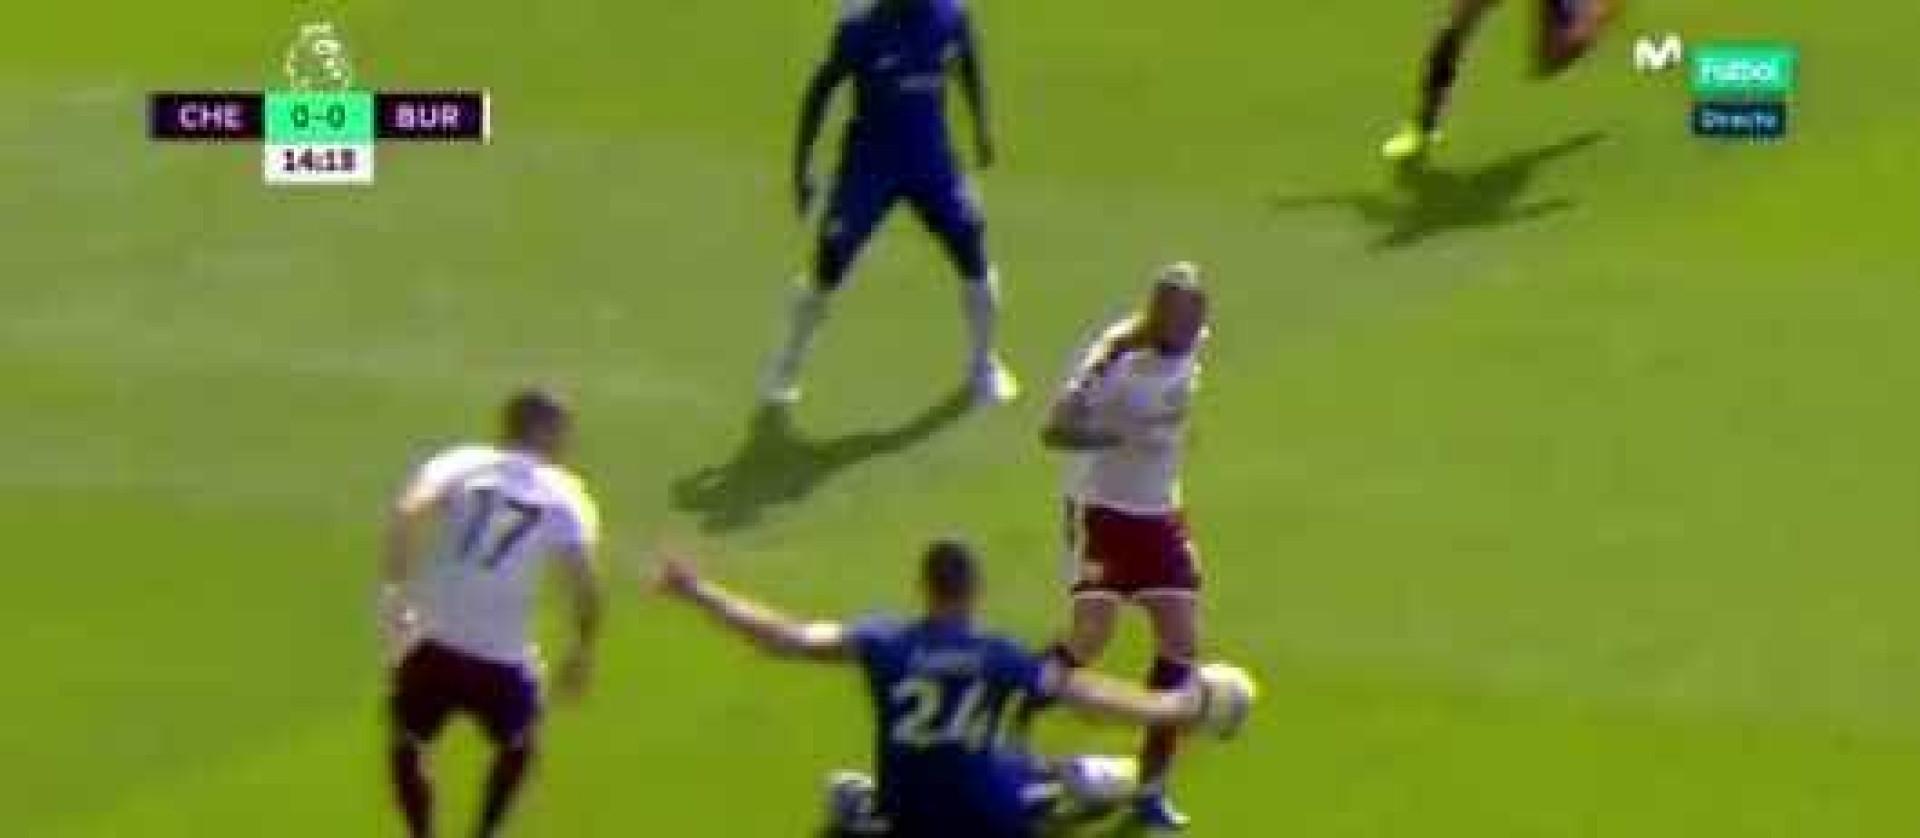 Cahill entrou com tudo sobre Defour e foi expulso do Chelsea-Burnley